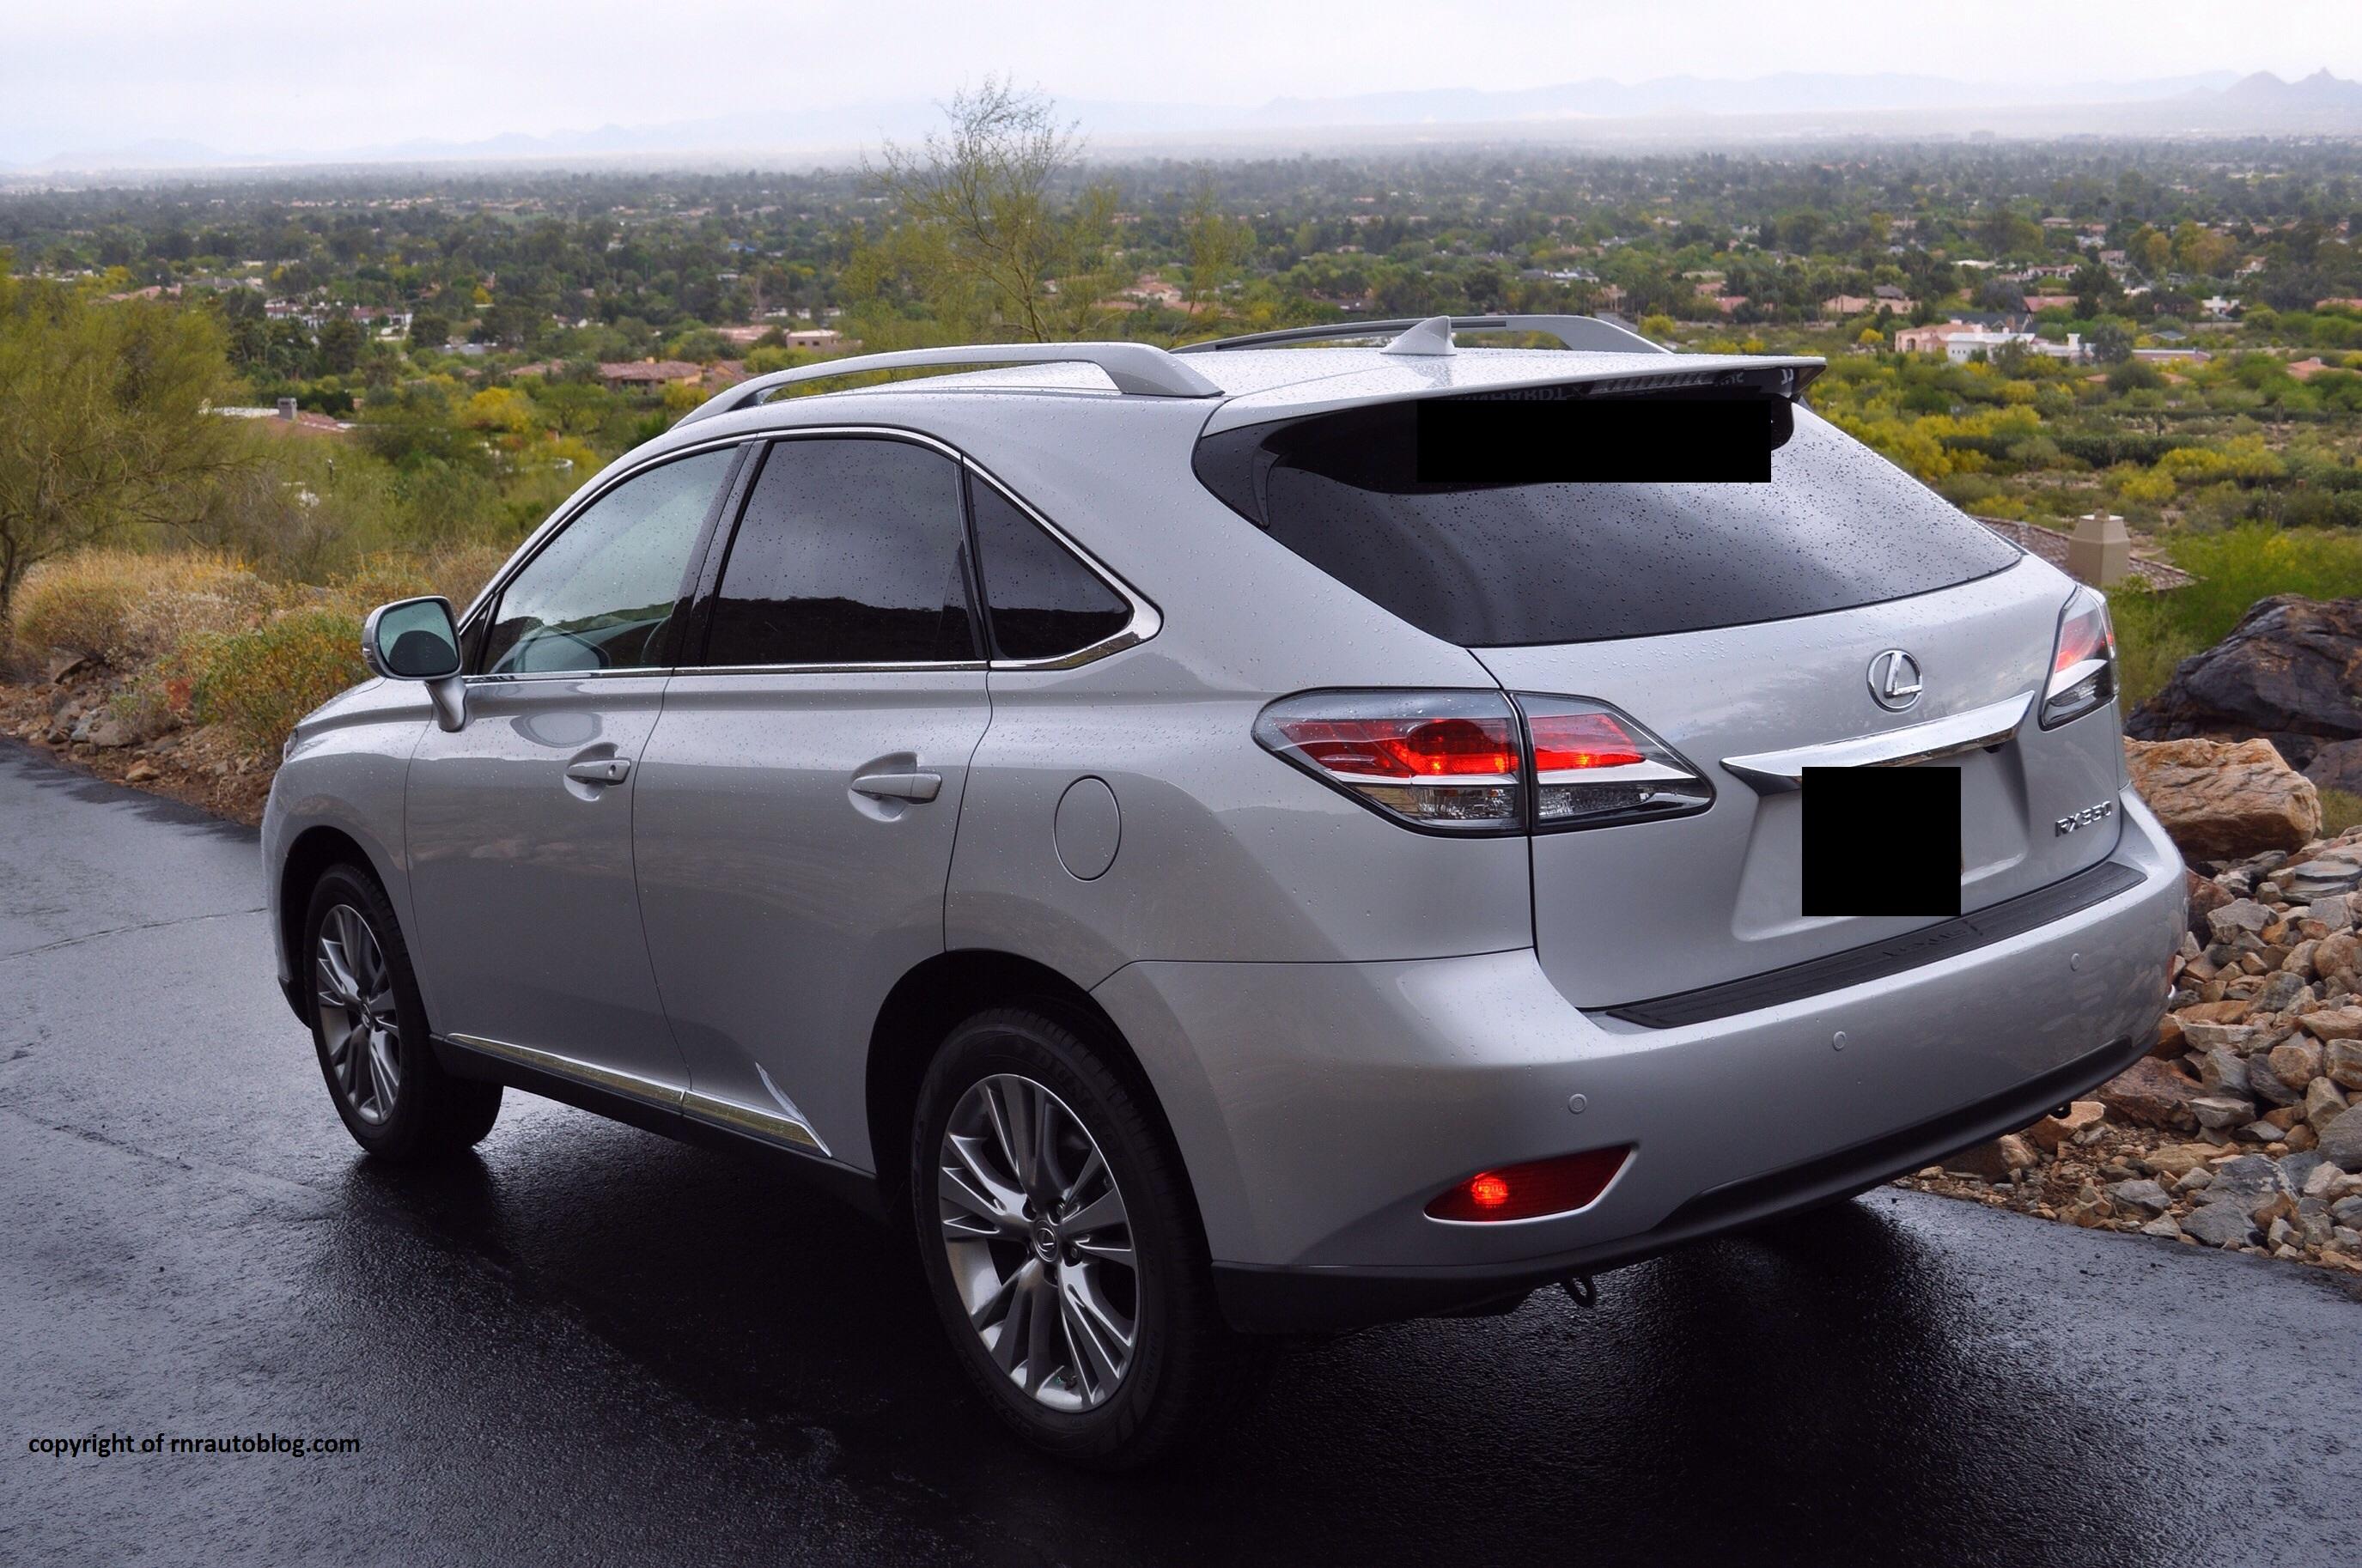 2014 Lexus RX350 Review